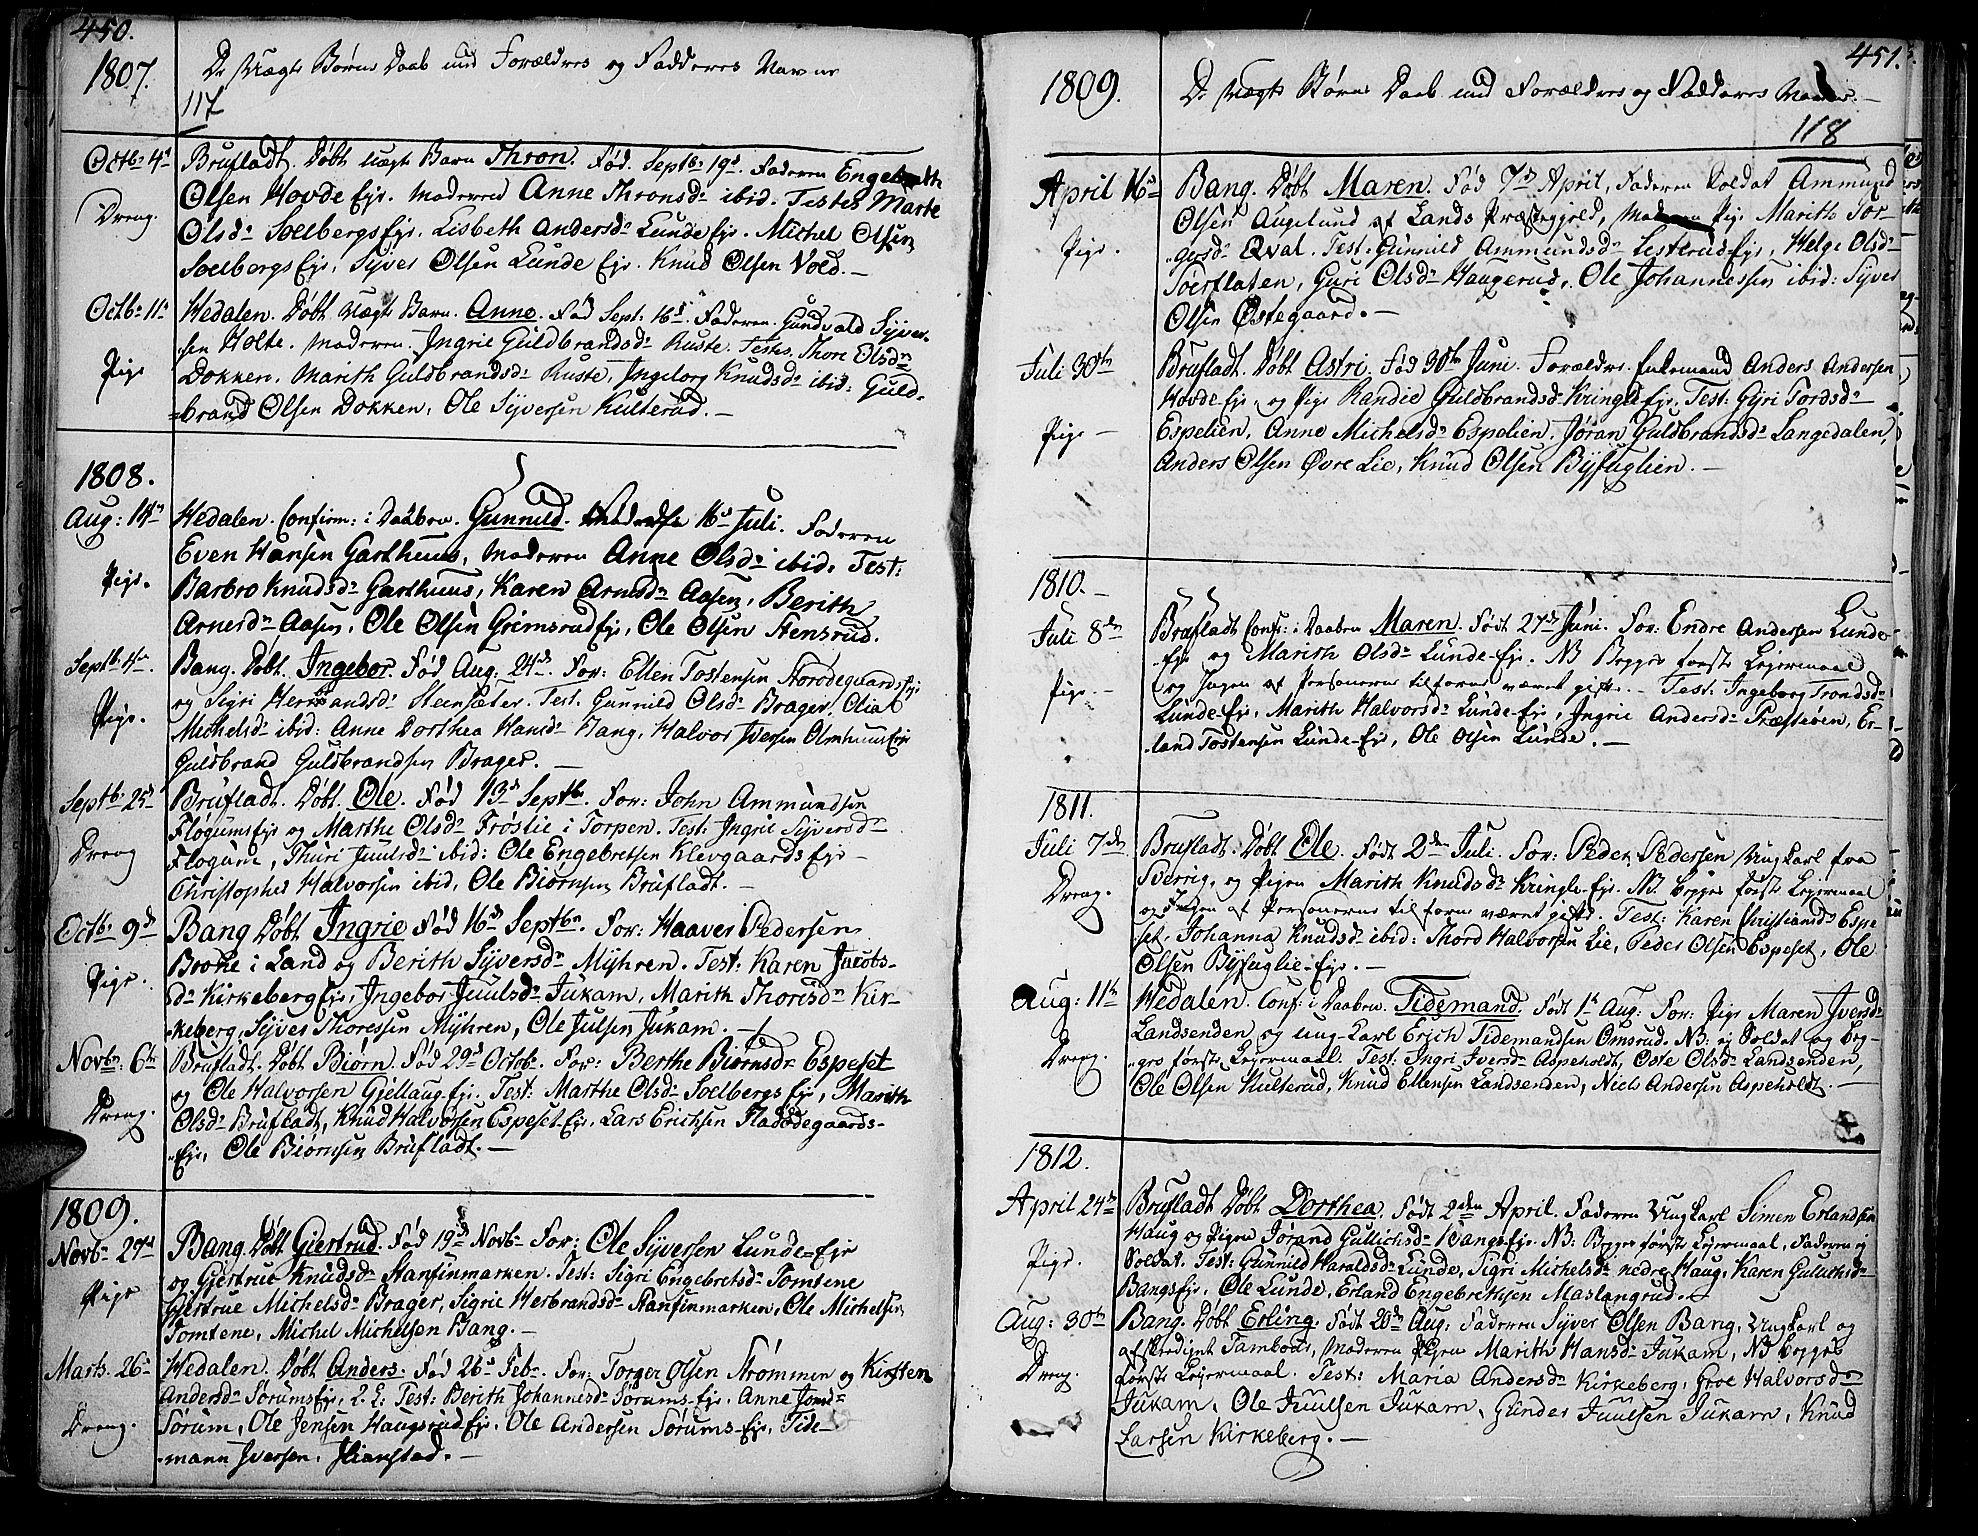 SAH, Sør-Aurdal prestekontor, Ministerialbok nr. 1, 1807-1815, s. 117-118